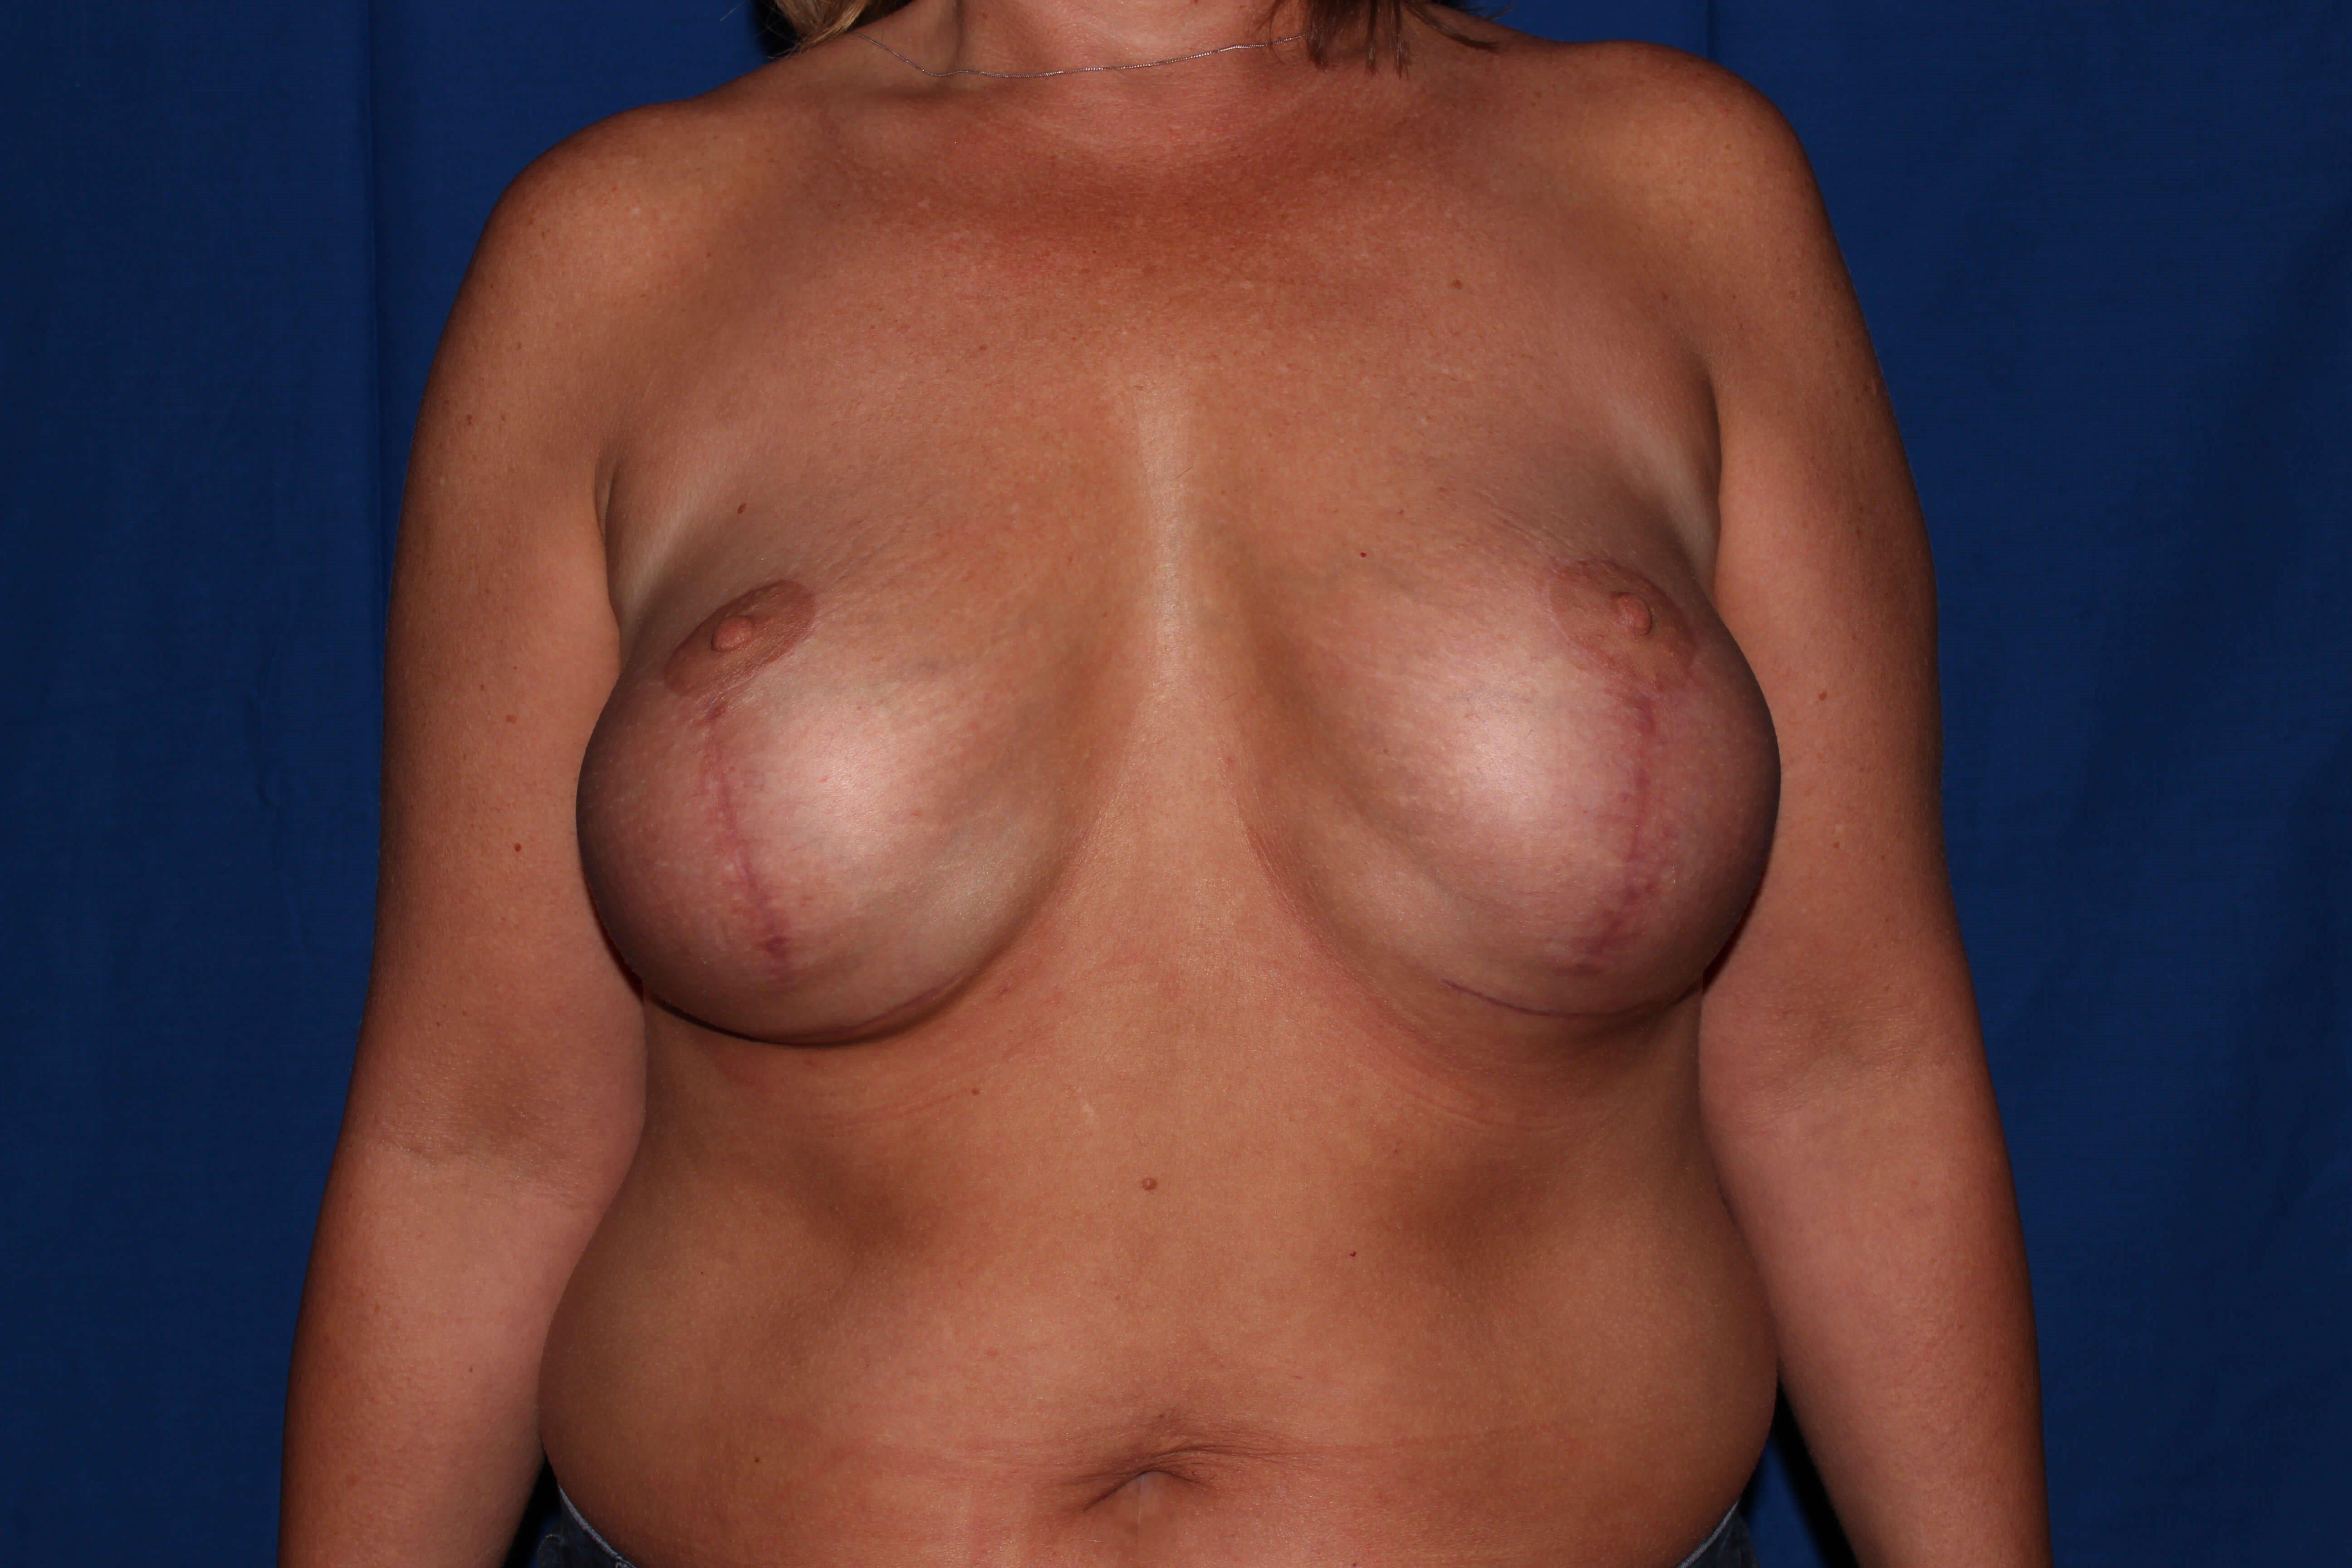 Breast Lift Before - Prescott, Az Breast Revision